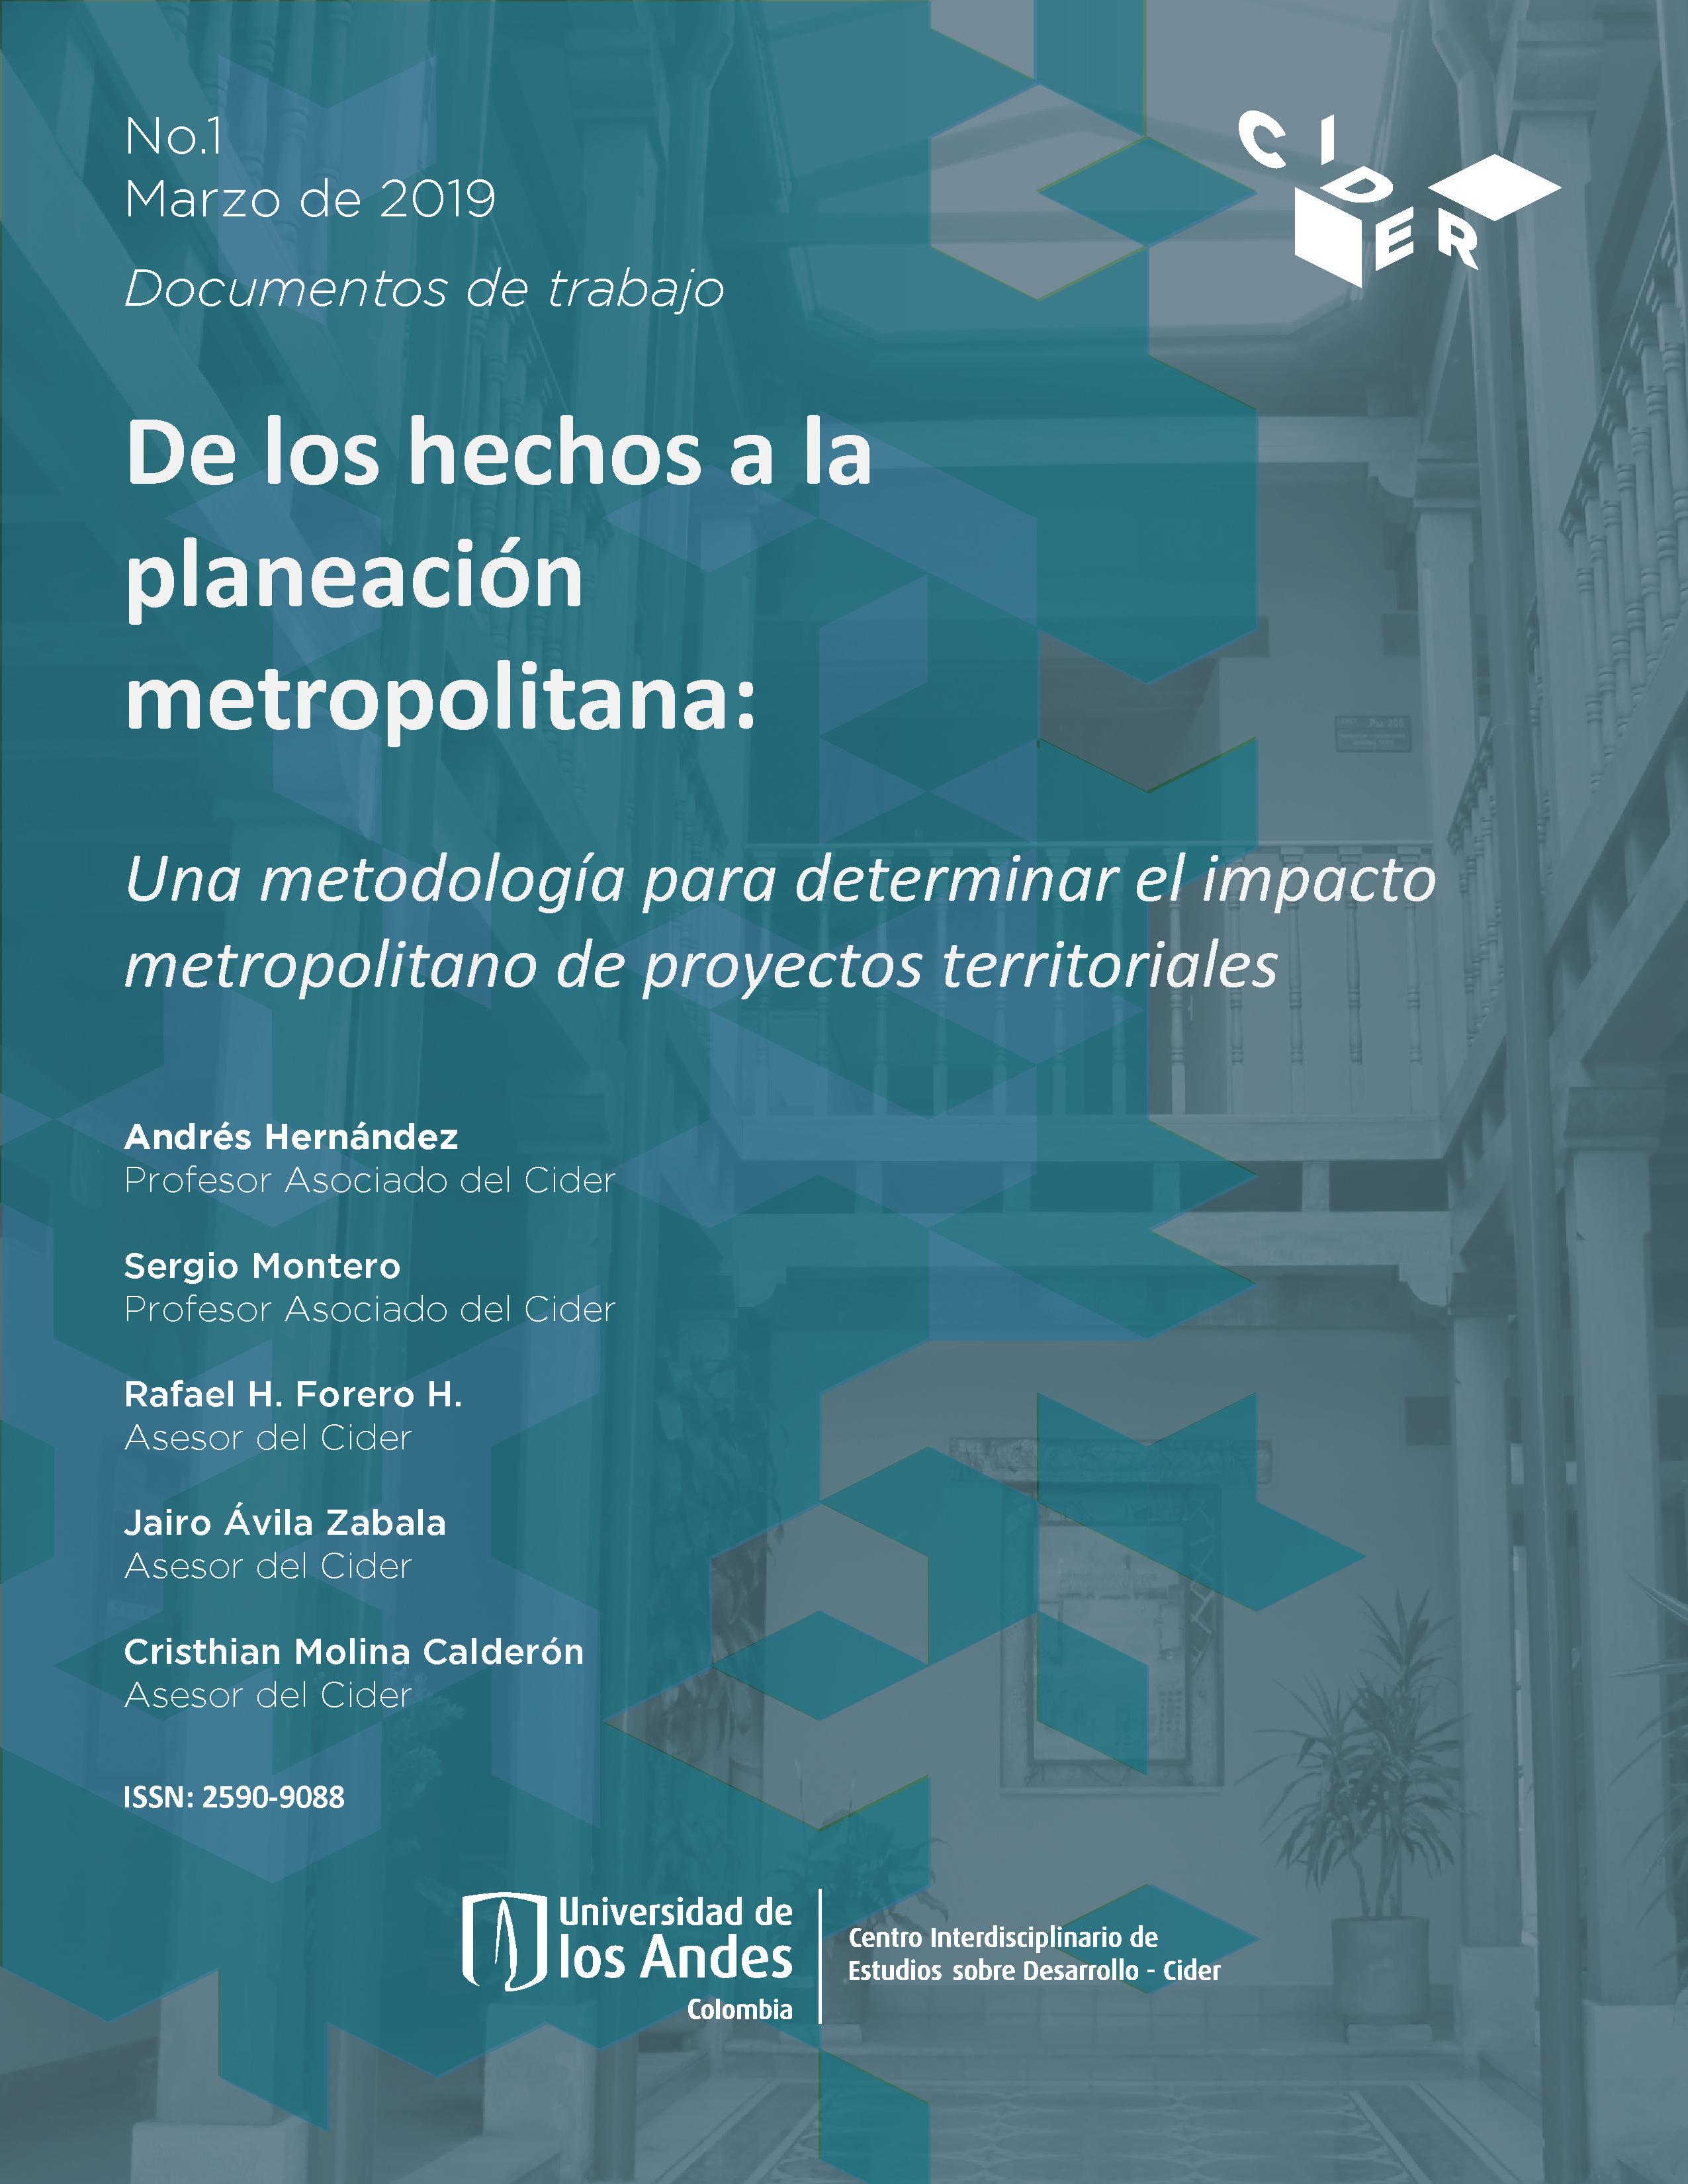 Documentos de Trabajo DE LOS HECHOS A LA PLANEACIÓN METROPOLITANA: Una metodología para determinar el impacto metropolitano de proyectos territoriales